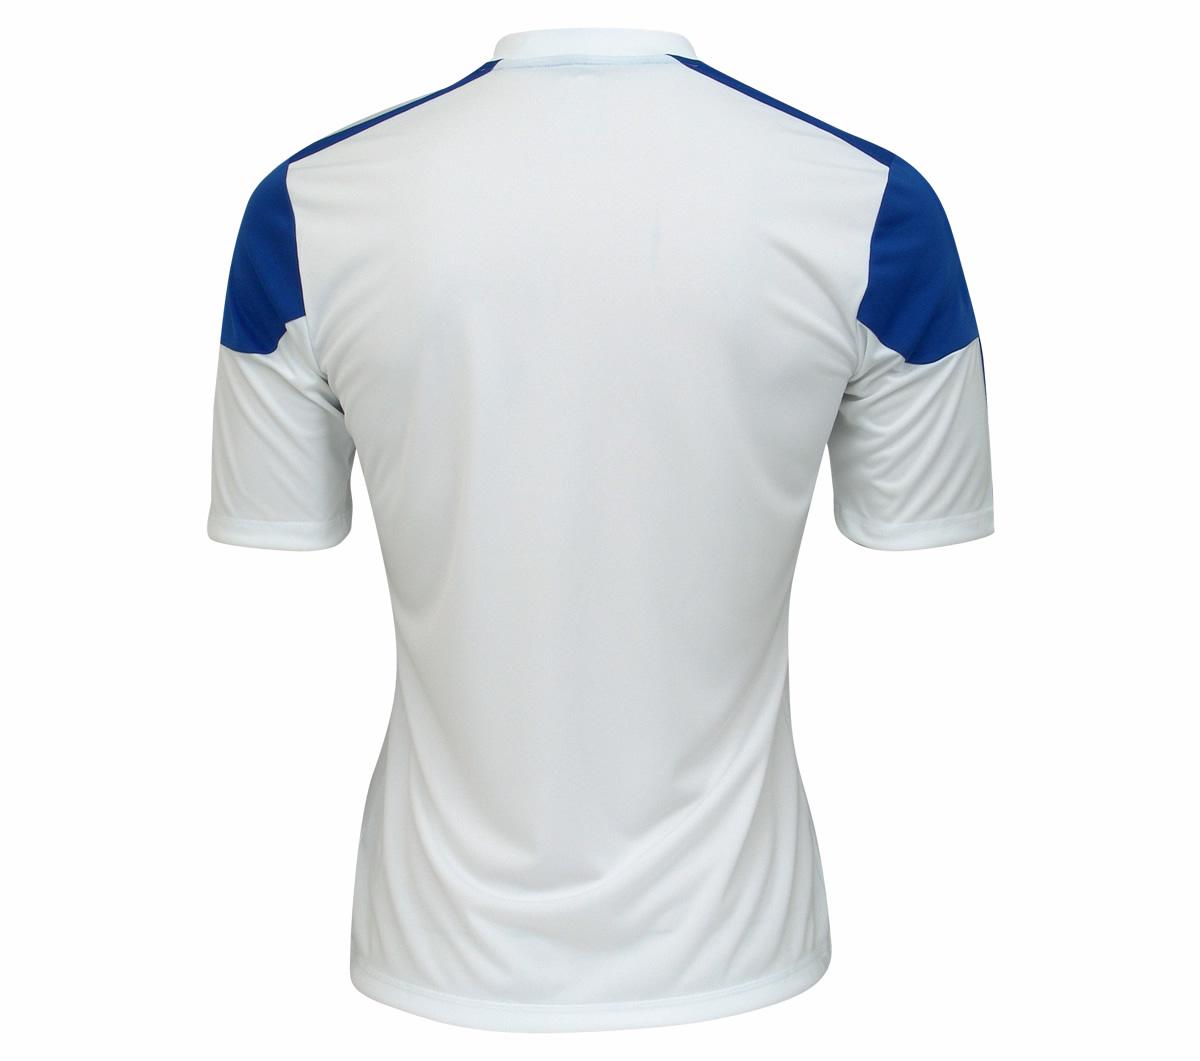 d4432540d7dac Camisa Adidas Autheno 12 Branca e Azul - Mundo do Futebol